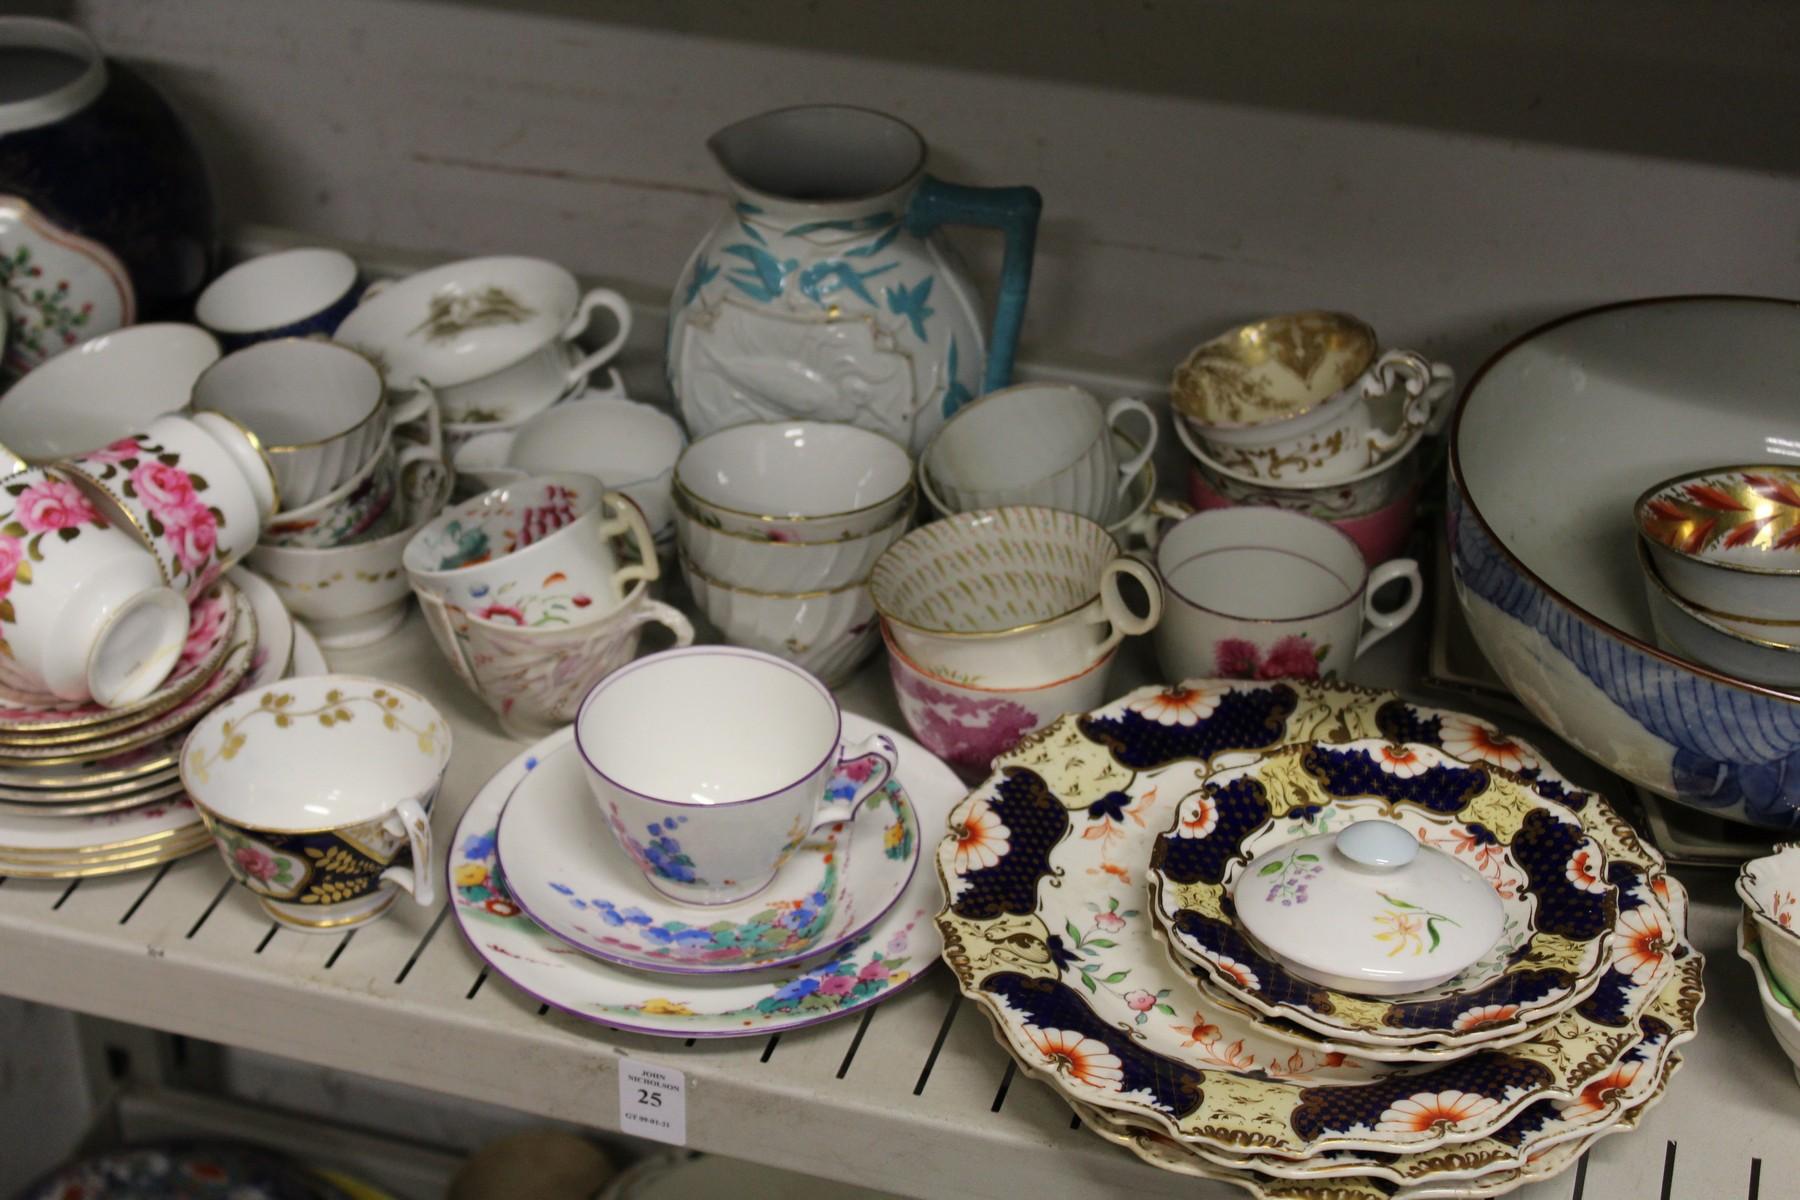 Decorative tea ware etc.